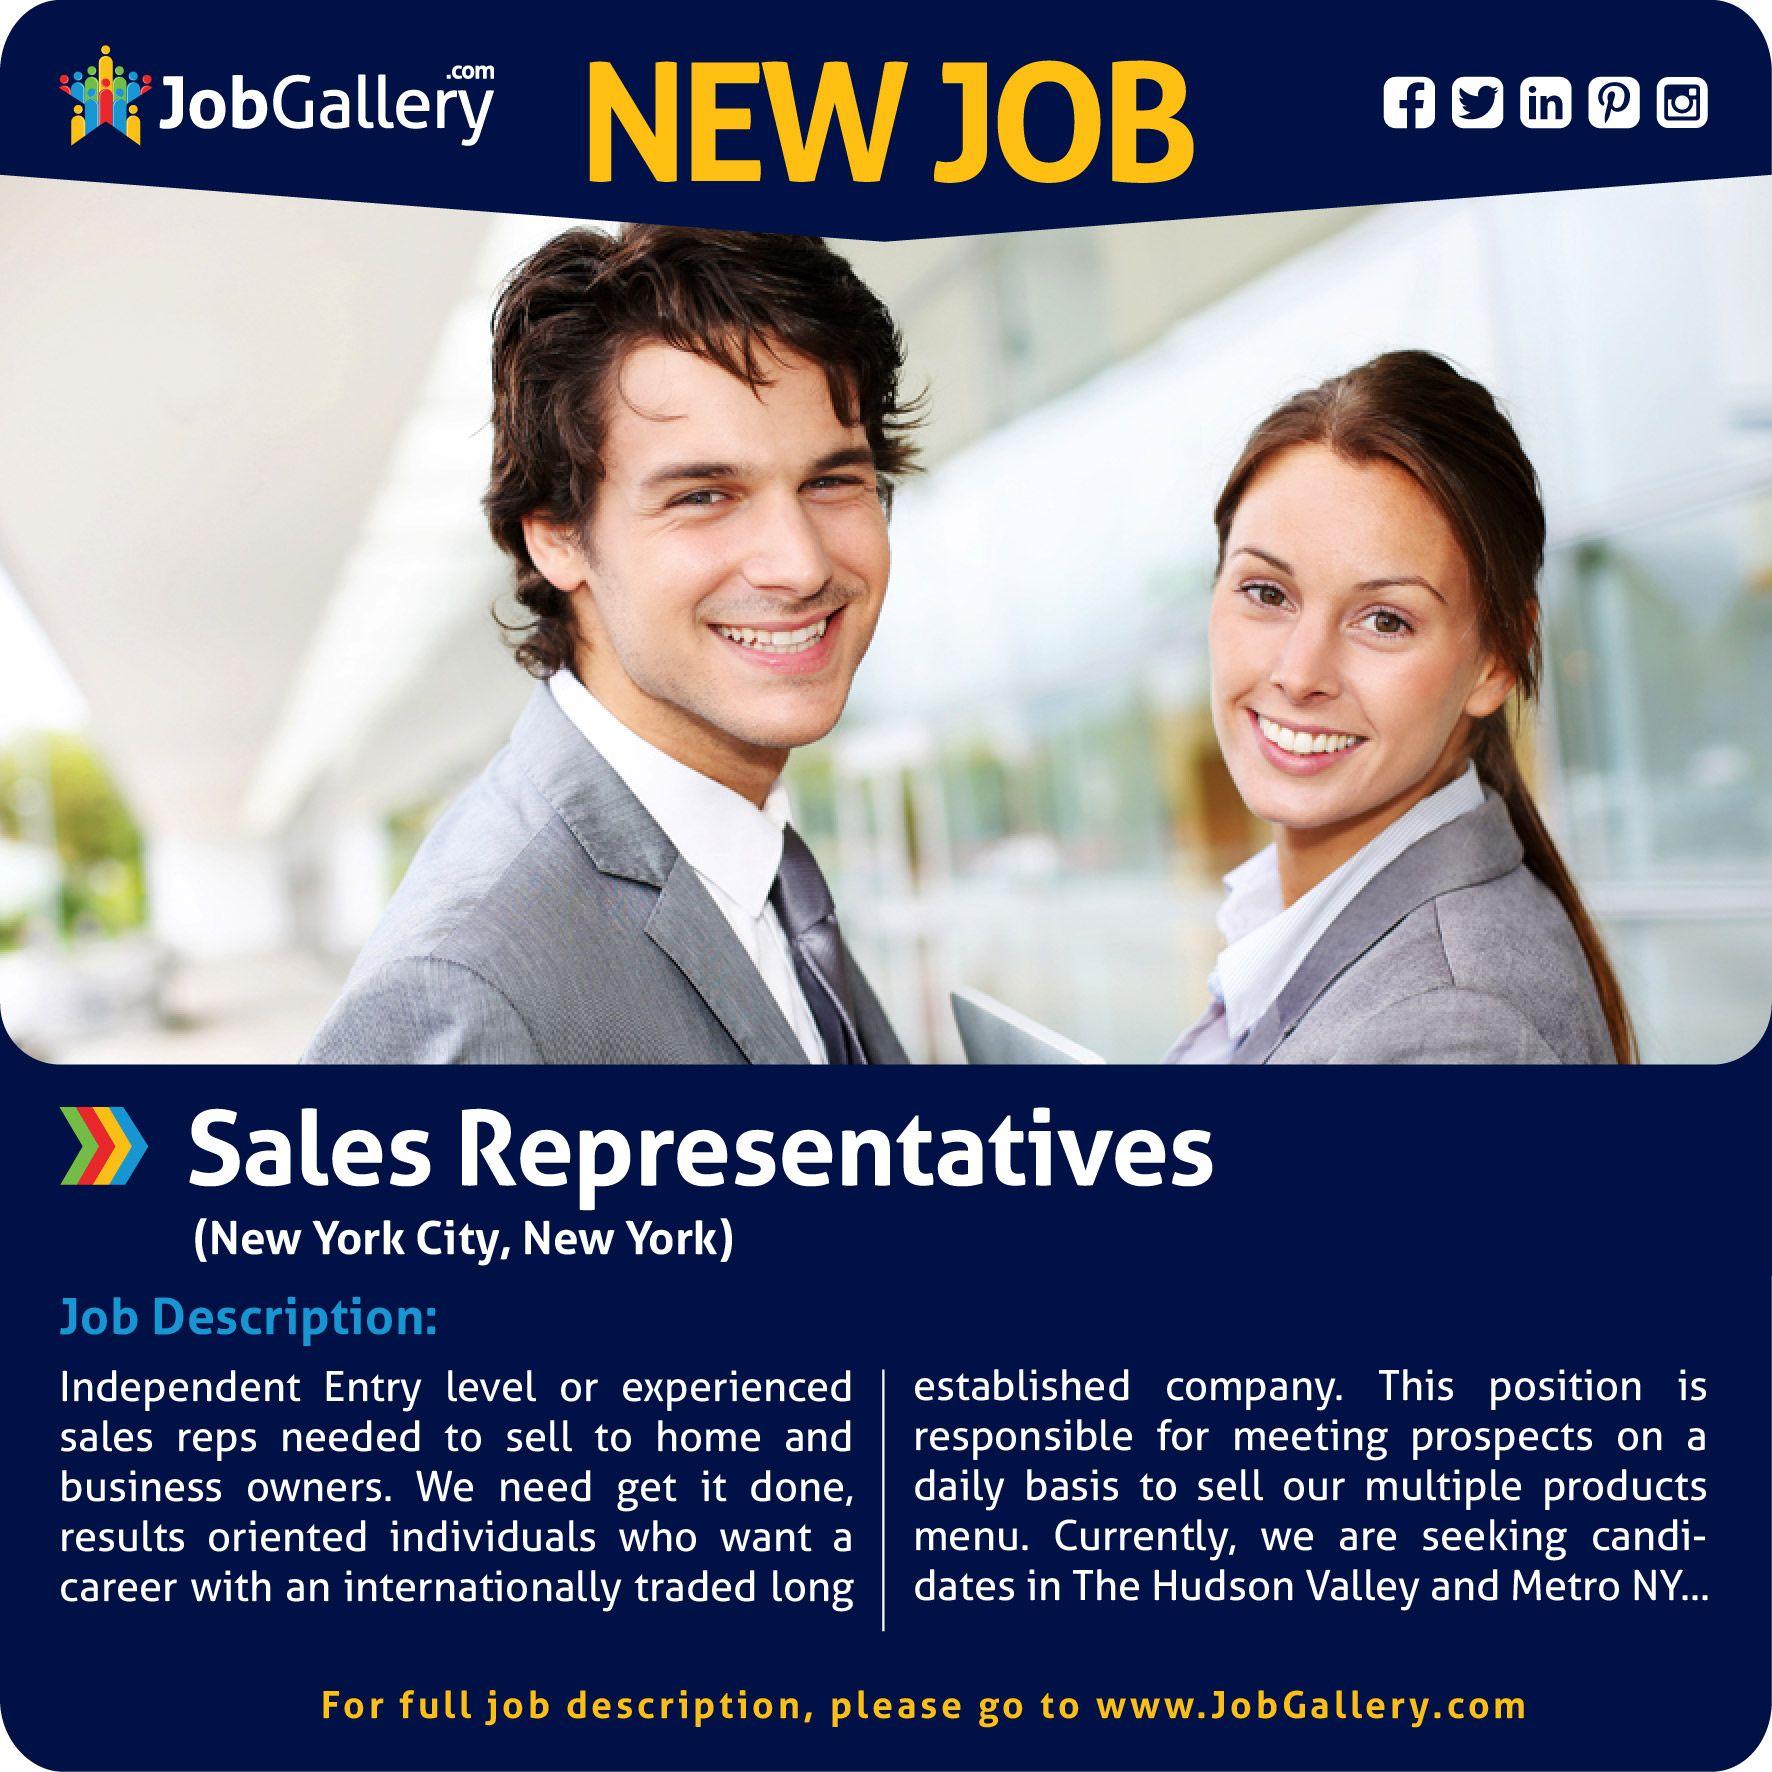 seeking s representatives new york city ny jobs seeking s representatives new york city ny jobs jobopening sjobs